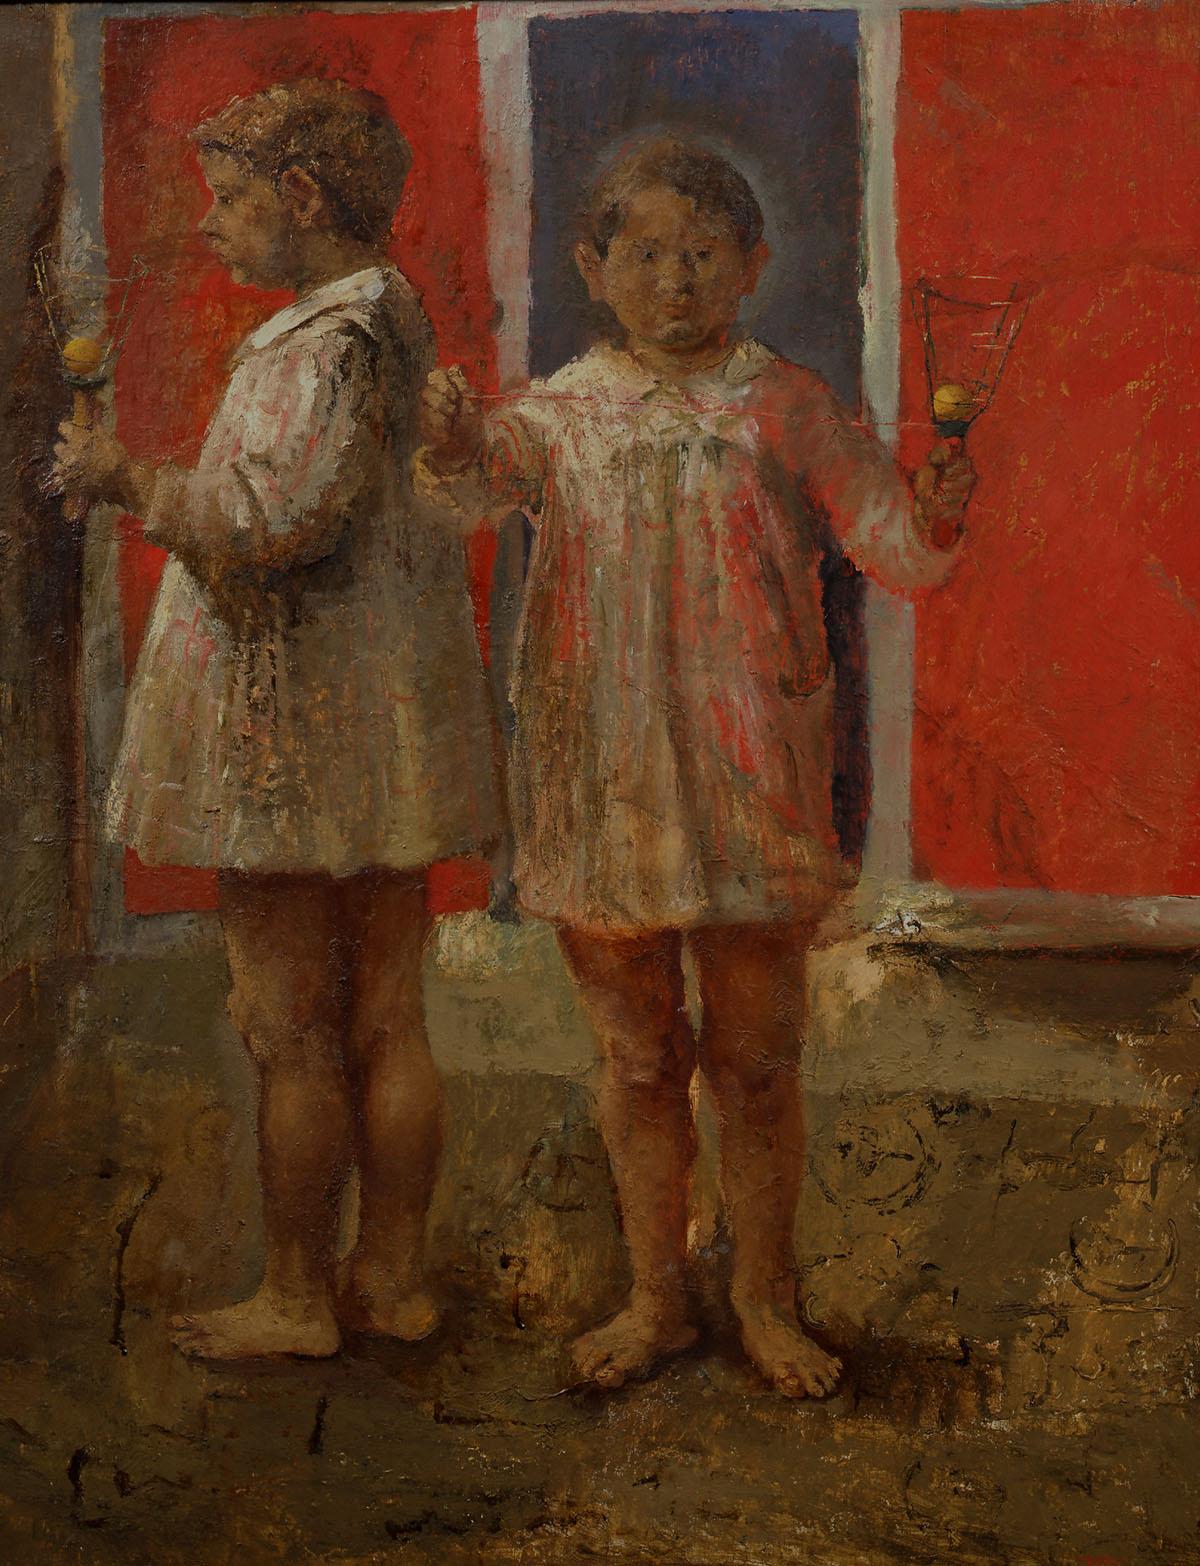 Bambini - Fausto Pirandello - 1942olio su tavola, cm. 100x85,5 Collezione Astaldi